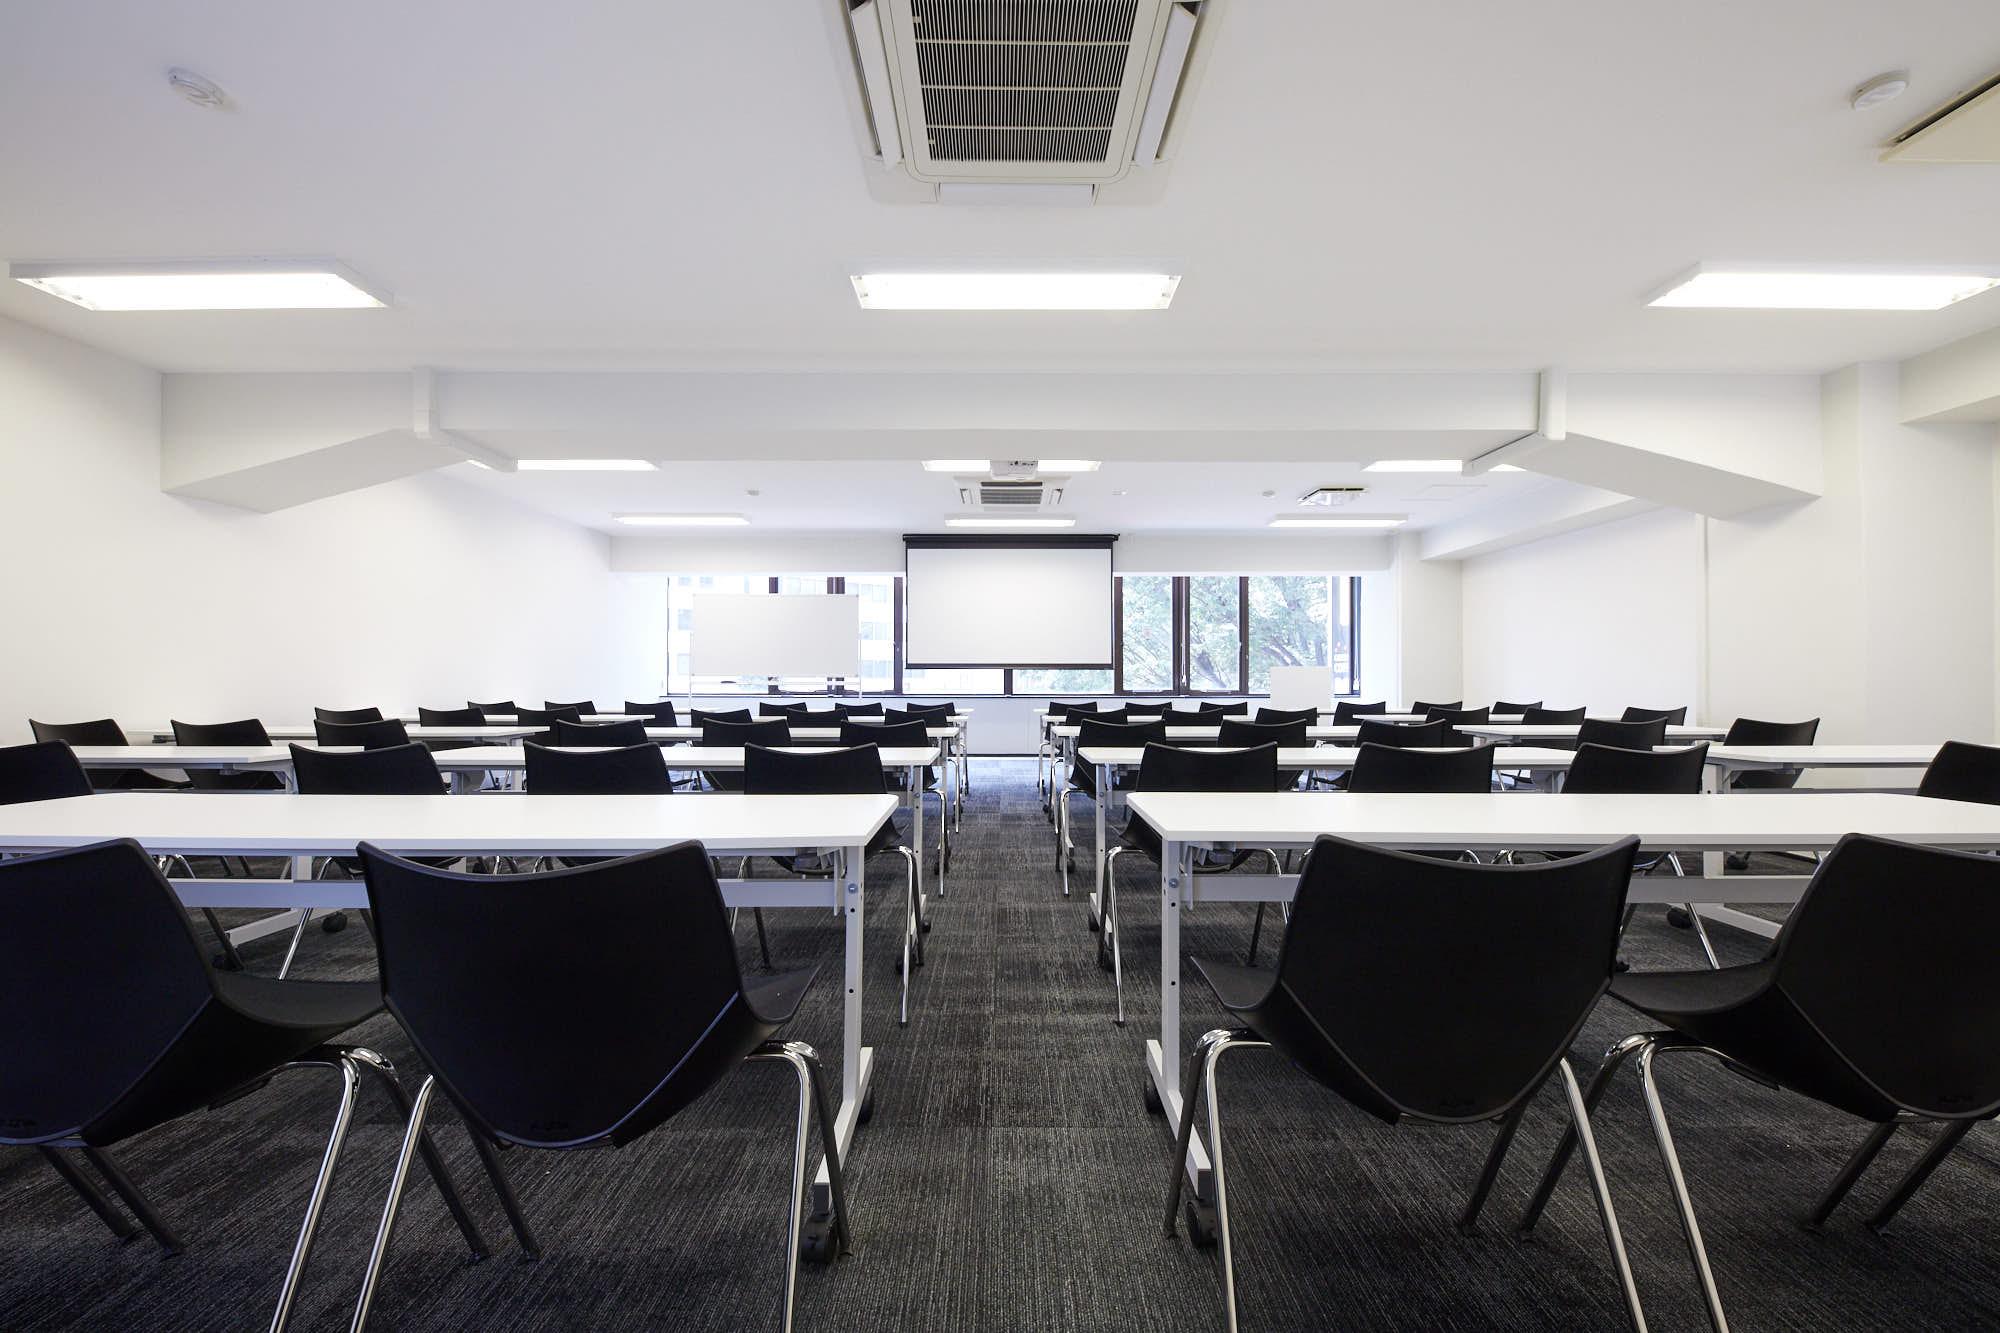 設備が充実◎駅チカでおしゃれな『みんなの会議室渋谷宮益坂3B』|TIME SHARING|タイムシェアリング|スペースマネジメント|あどばる|adval|SHARING